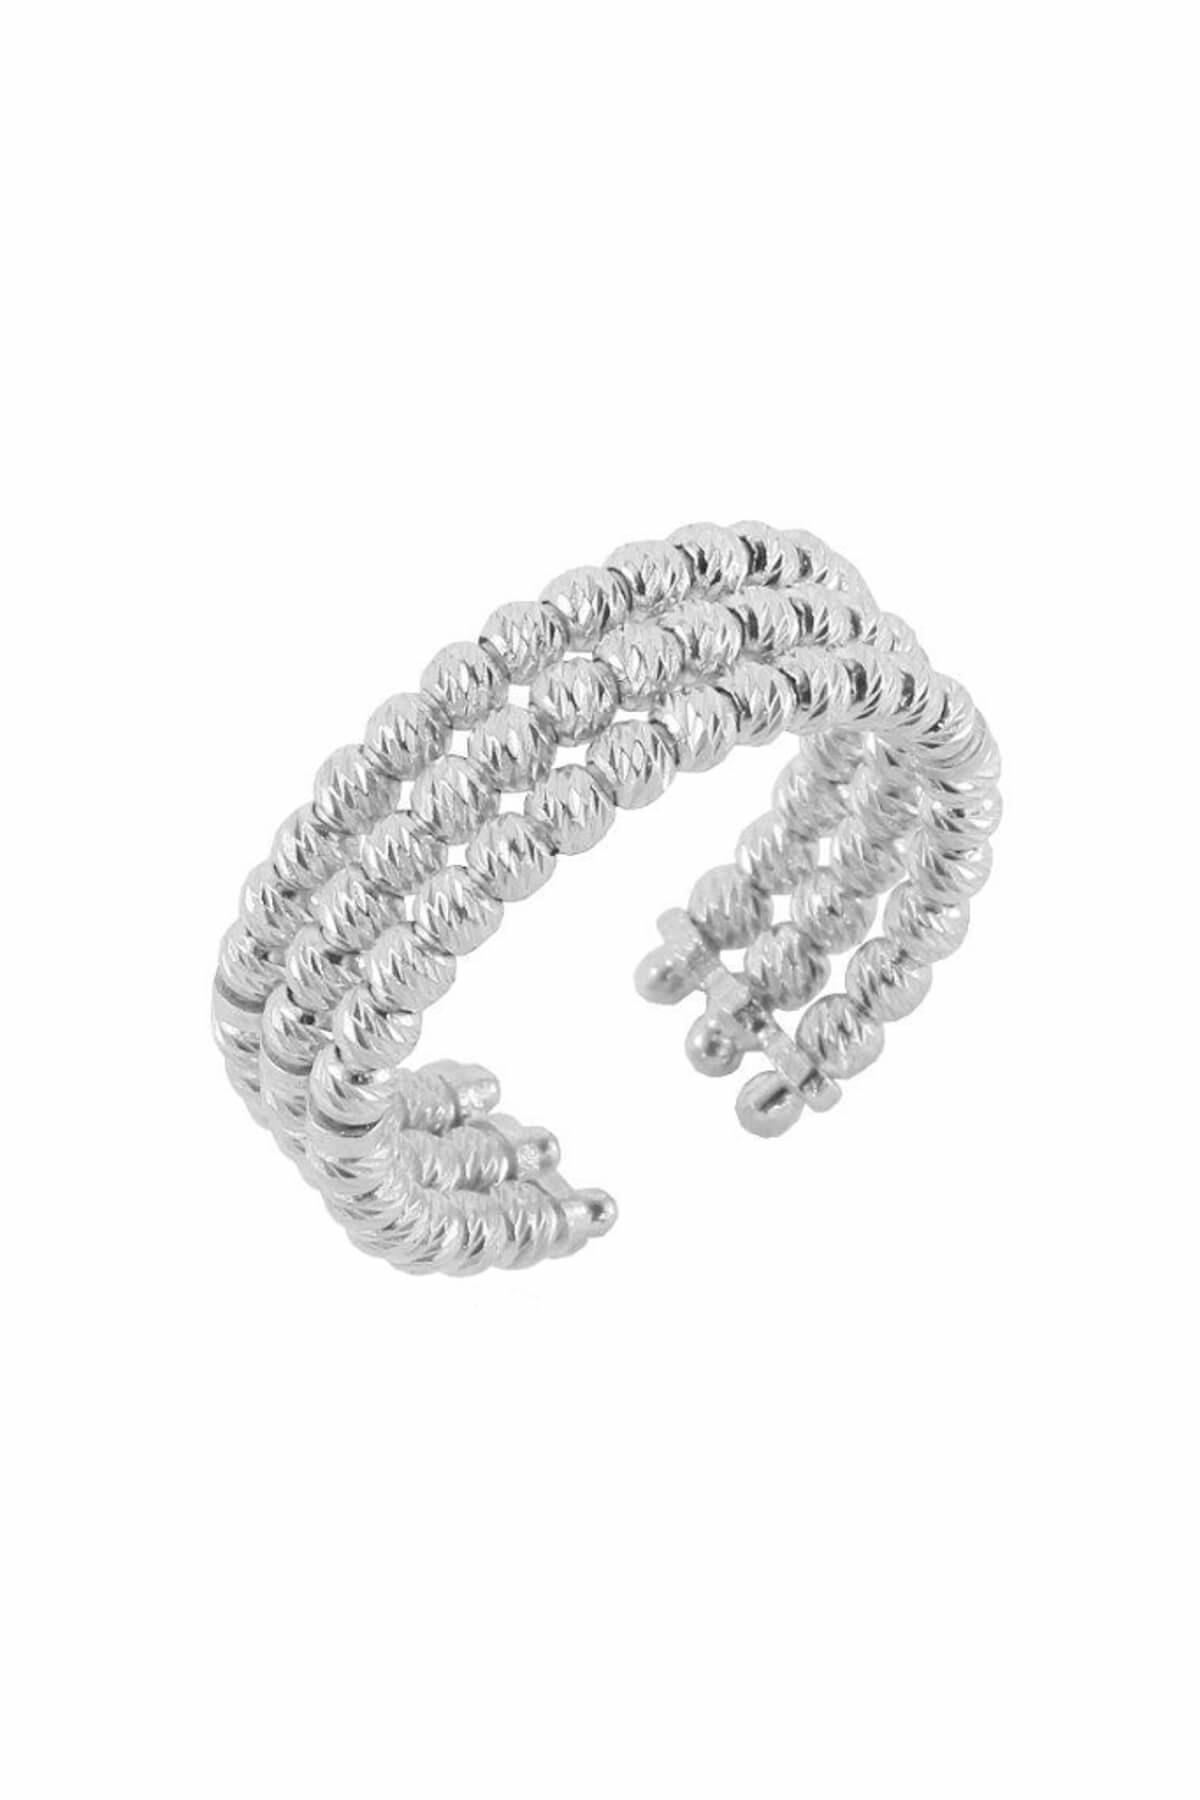 Söğütlü Silver Kadın 925 Ayar Gümüş Dorica Rodyumlu Üçlü Yüzük SGTL4508 1